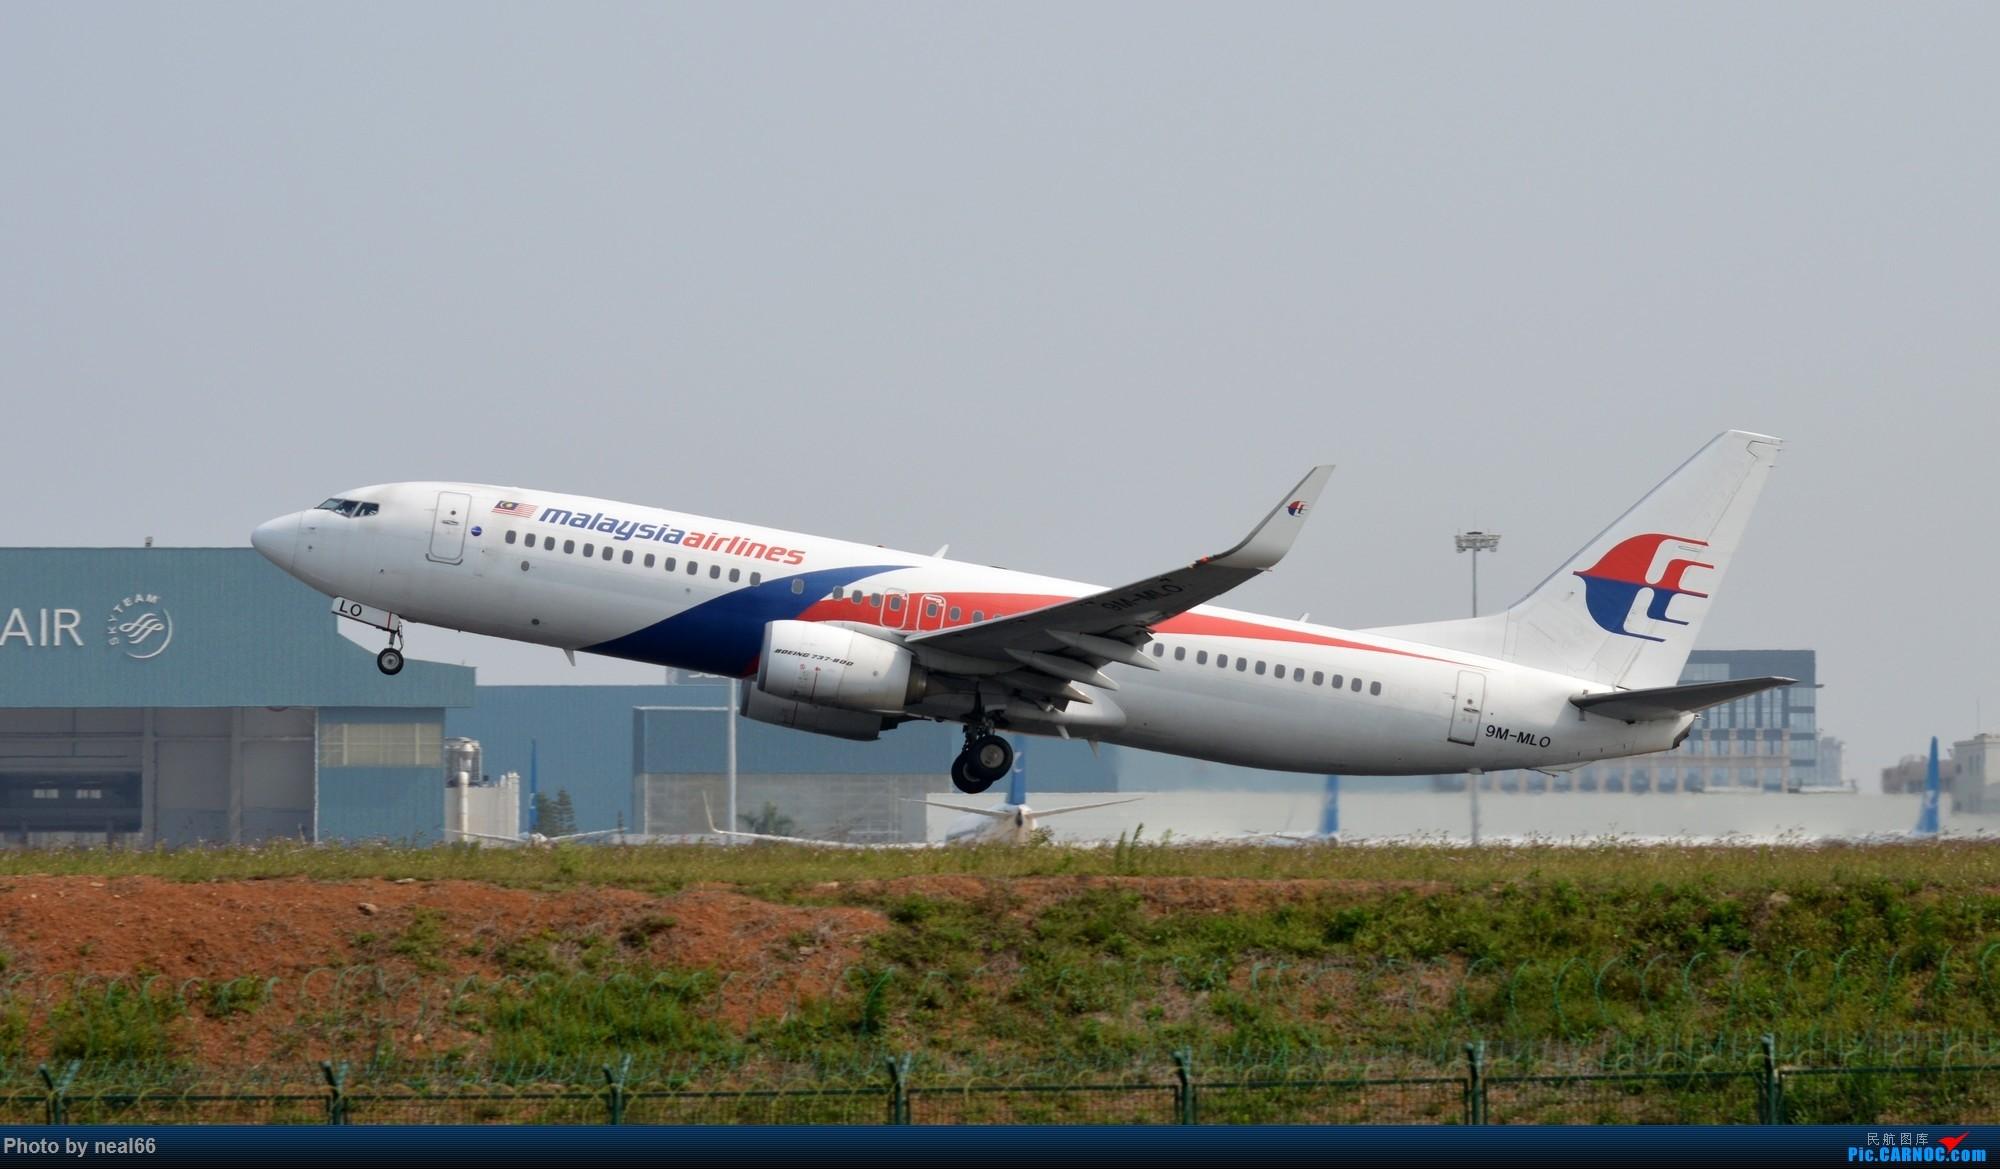 Re:[原创]厦门机场19年3月最后一天 737 9M-ML0 中国厦门高崎国际机场